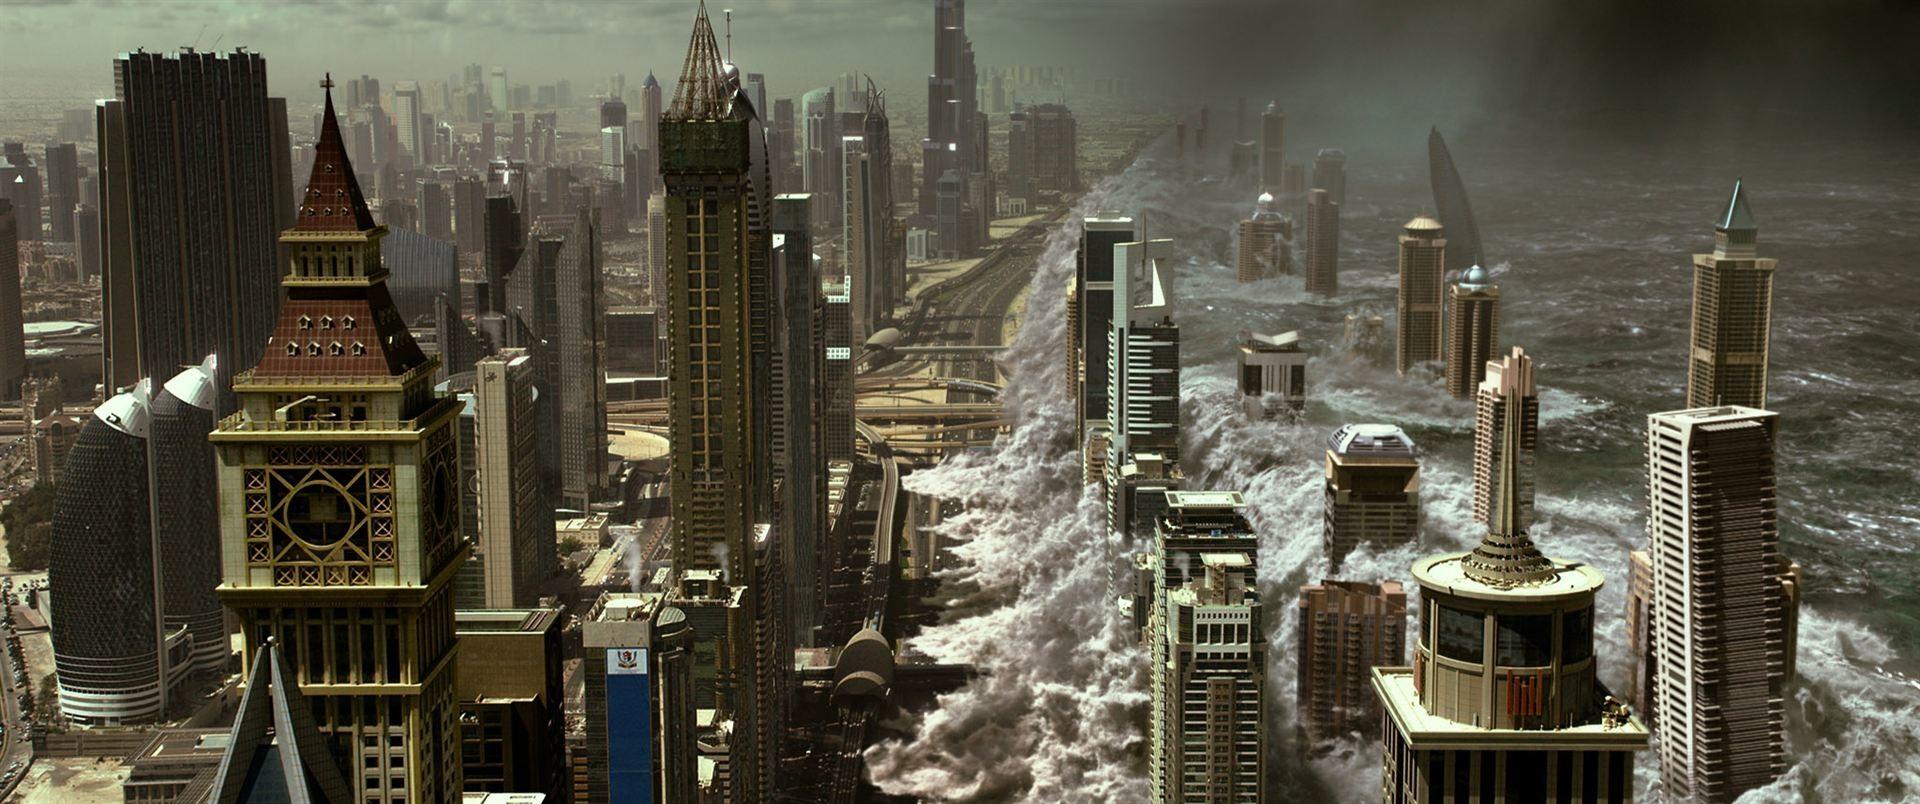 Uzaydan Gelen Fırtına Filmi Bedava indir Tr Dublaj Ekran Görüntüsü 2